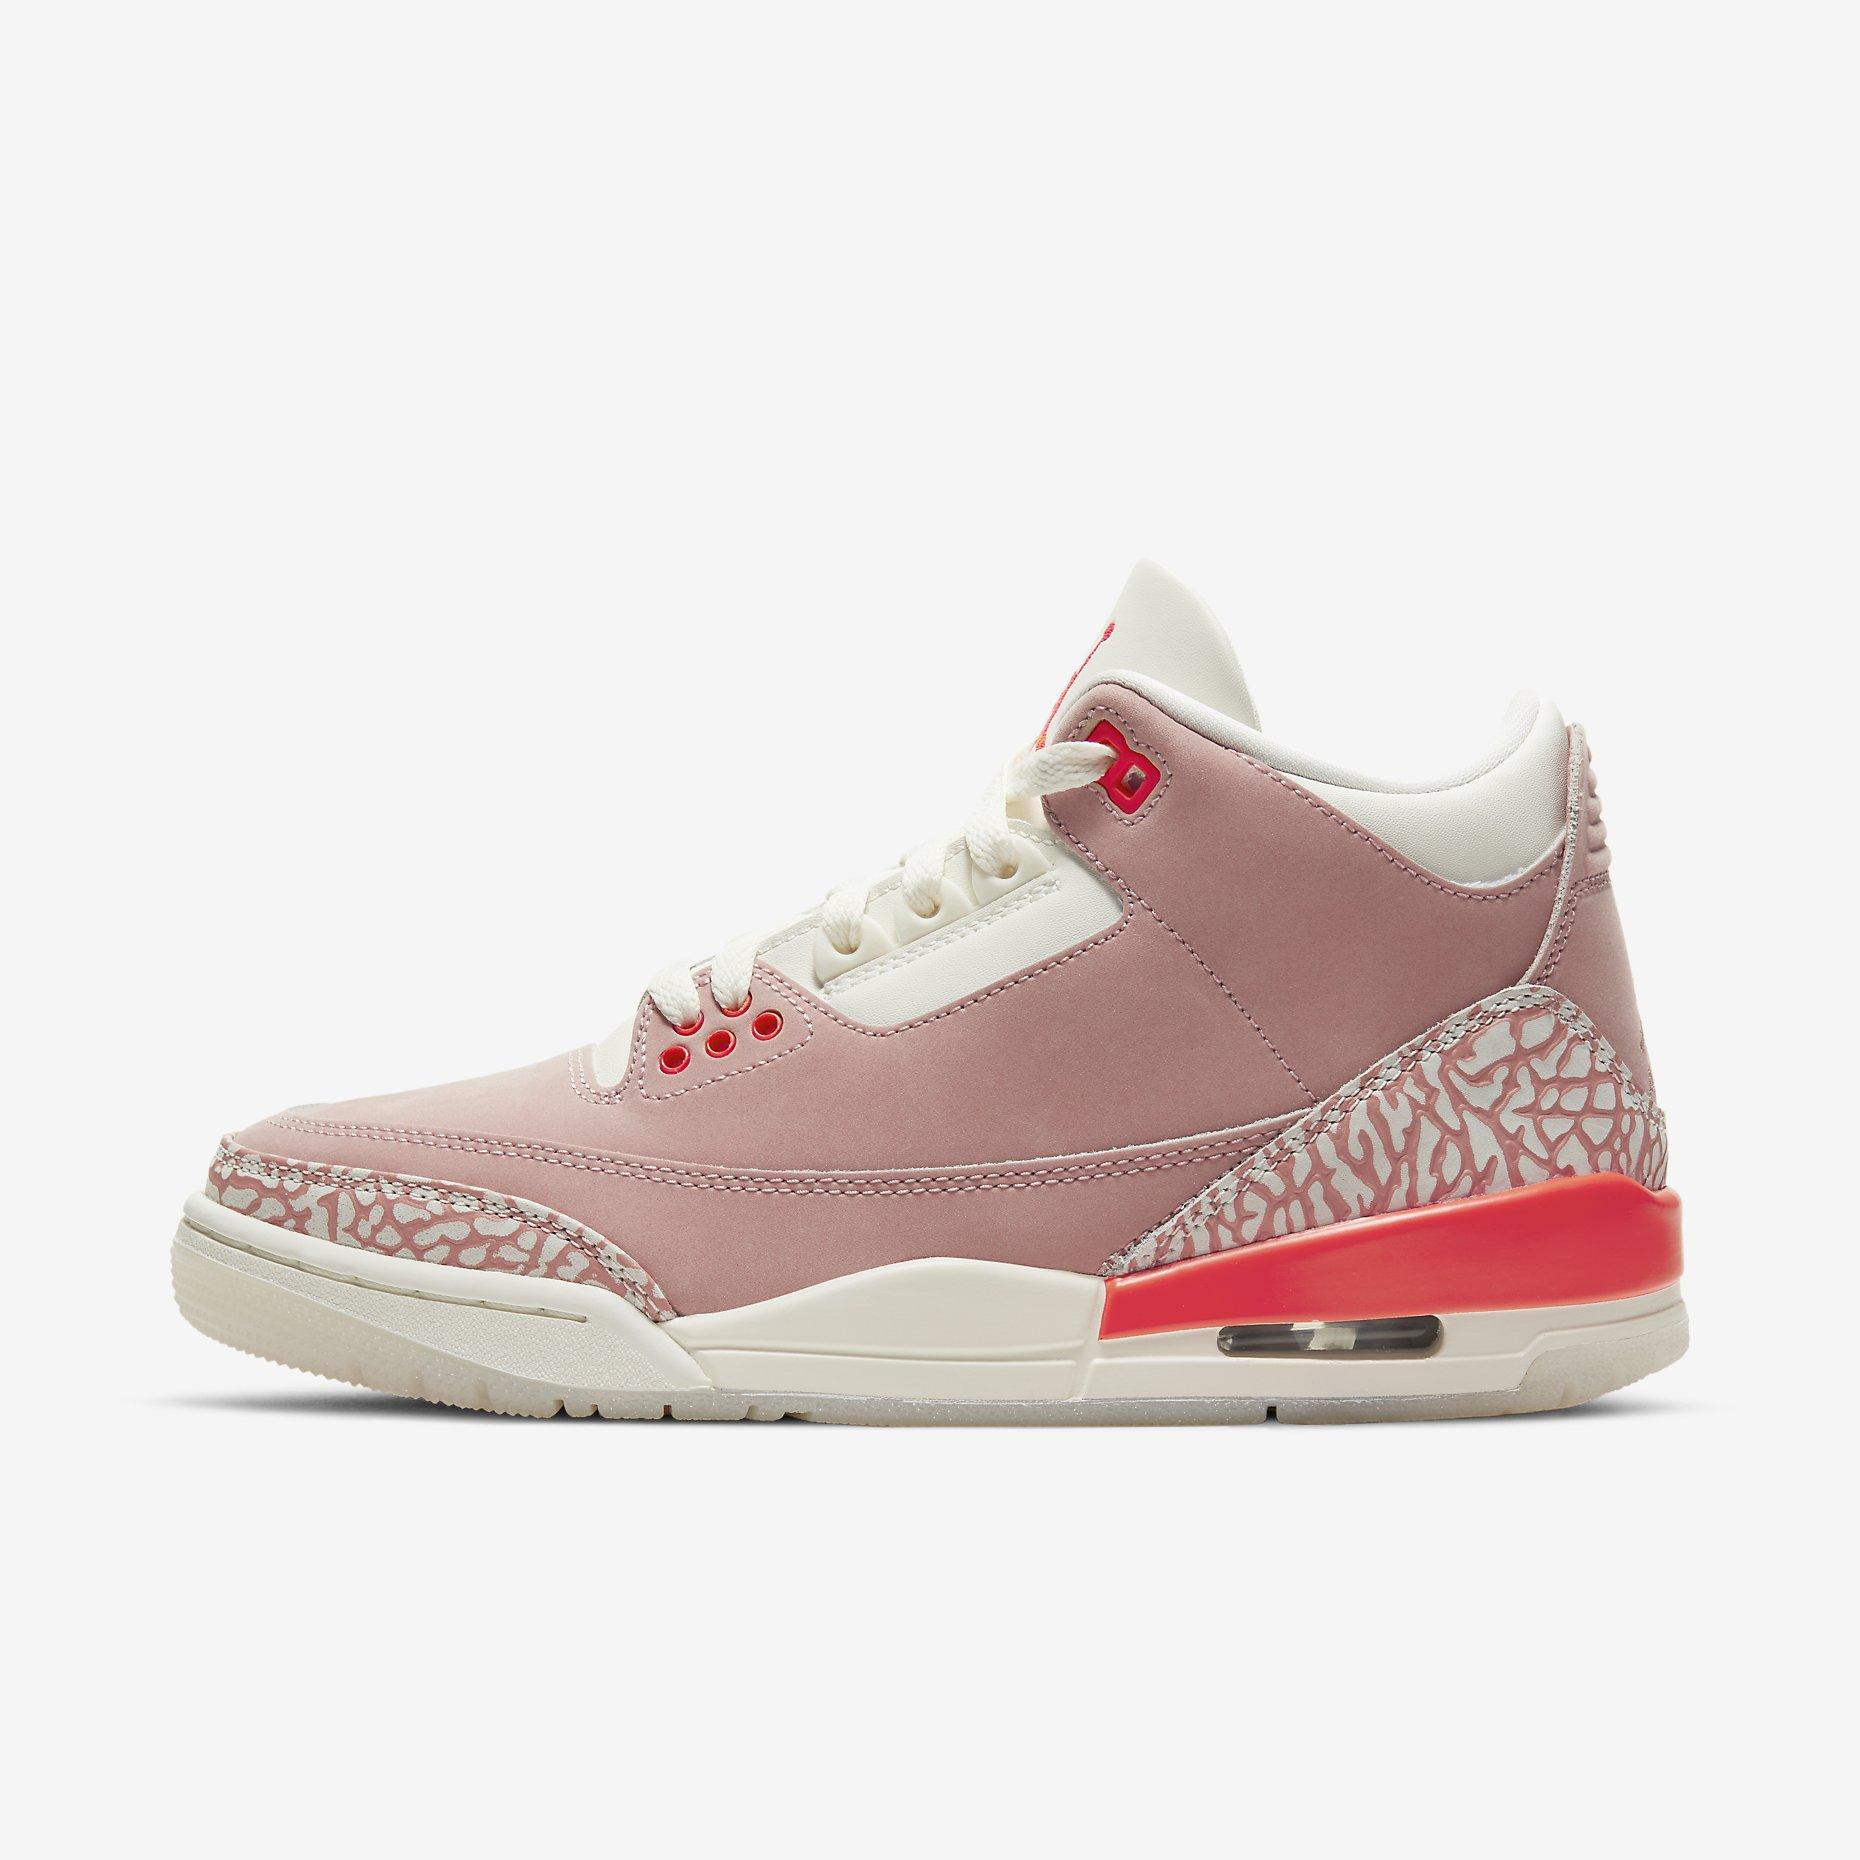 Women's Air Jordan 3 'Rust Pink'}